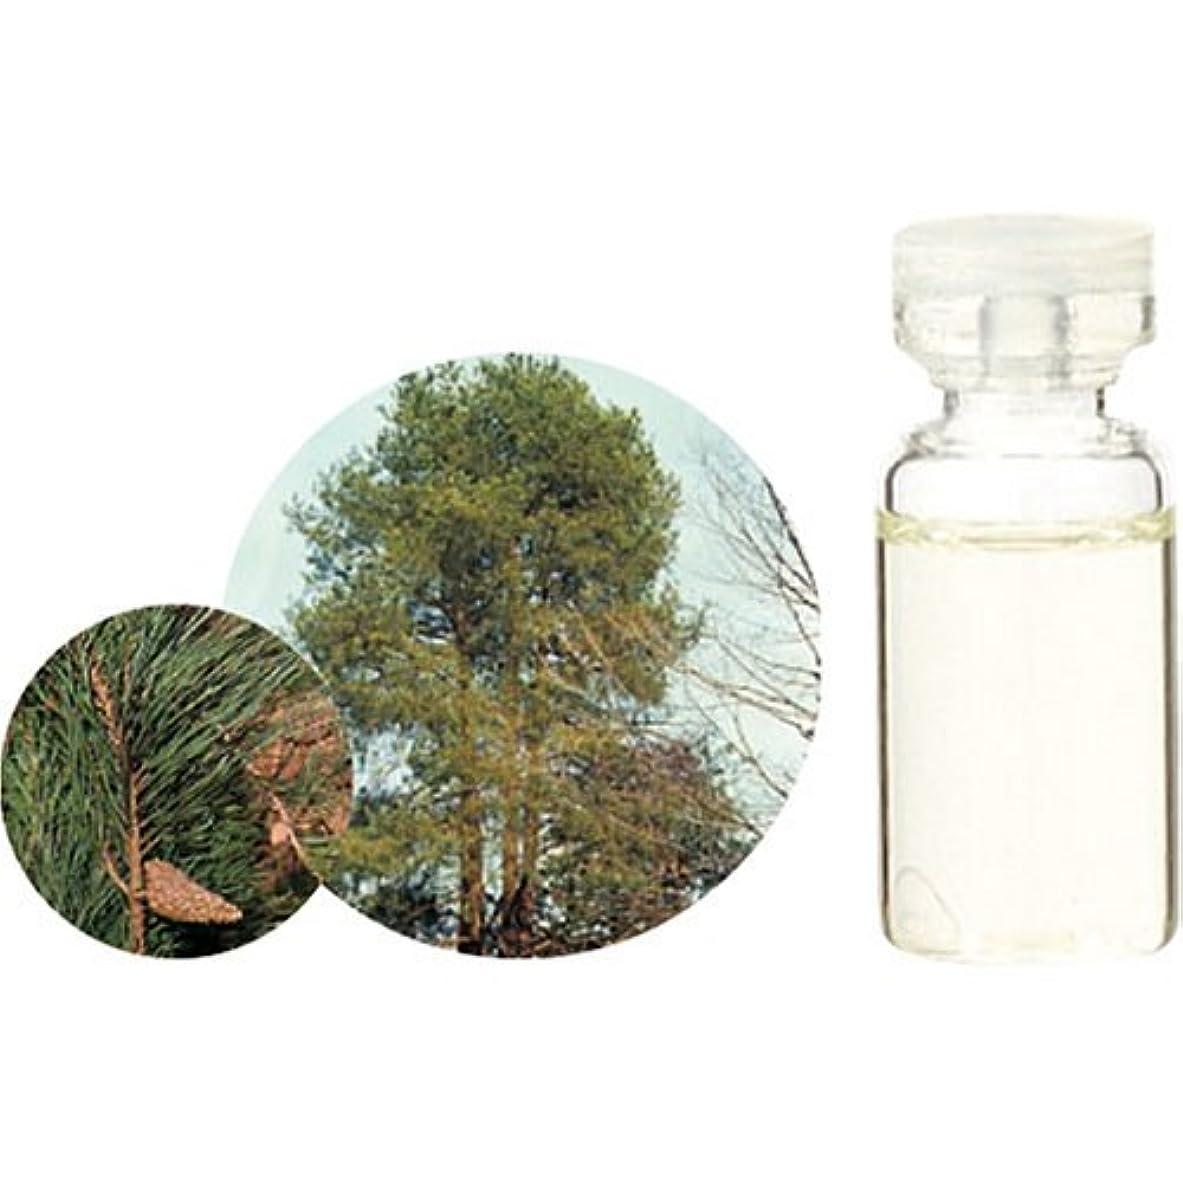 採用する全部クラウン生活の木 C パイン エッセンシャルオイル 10ml